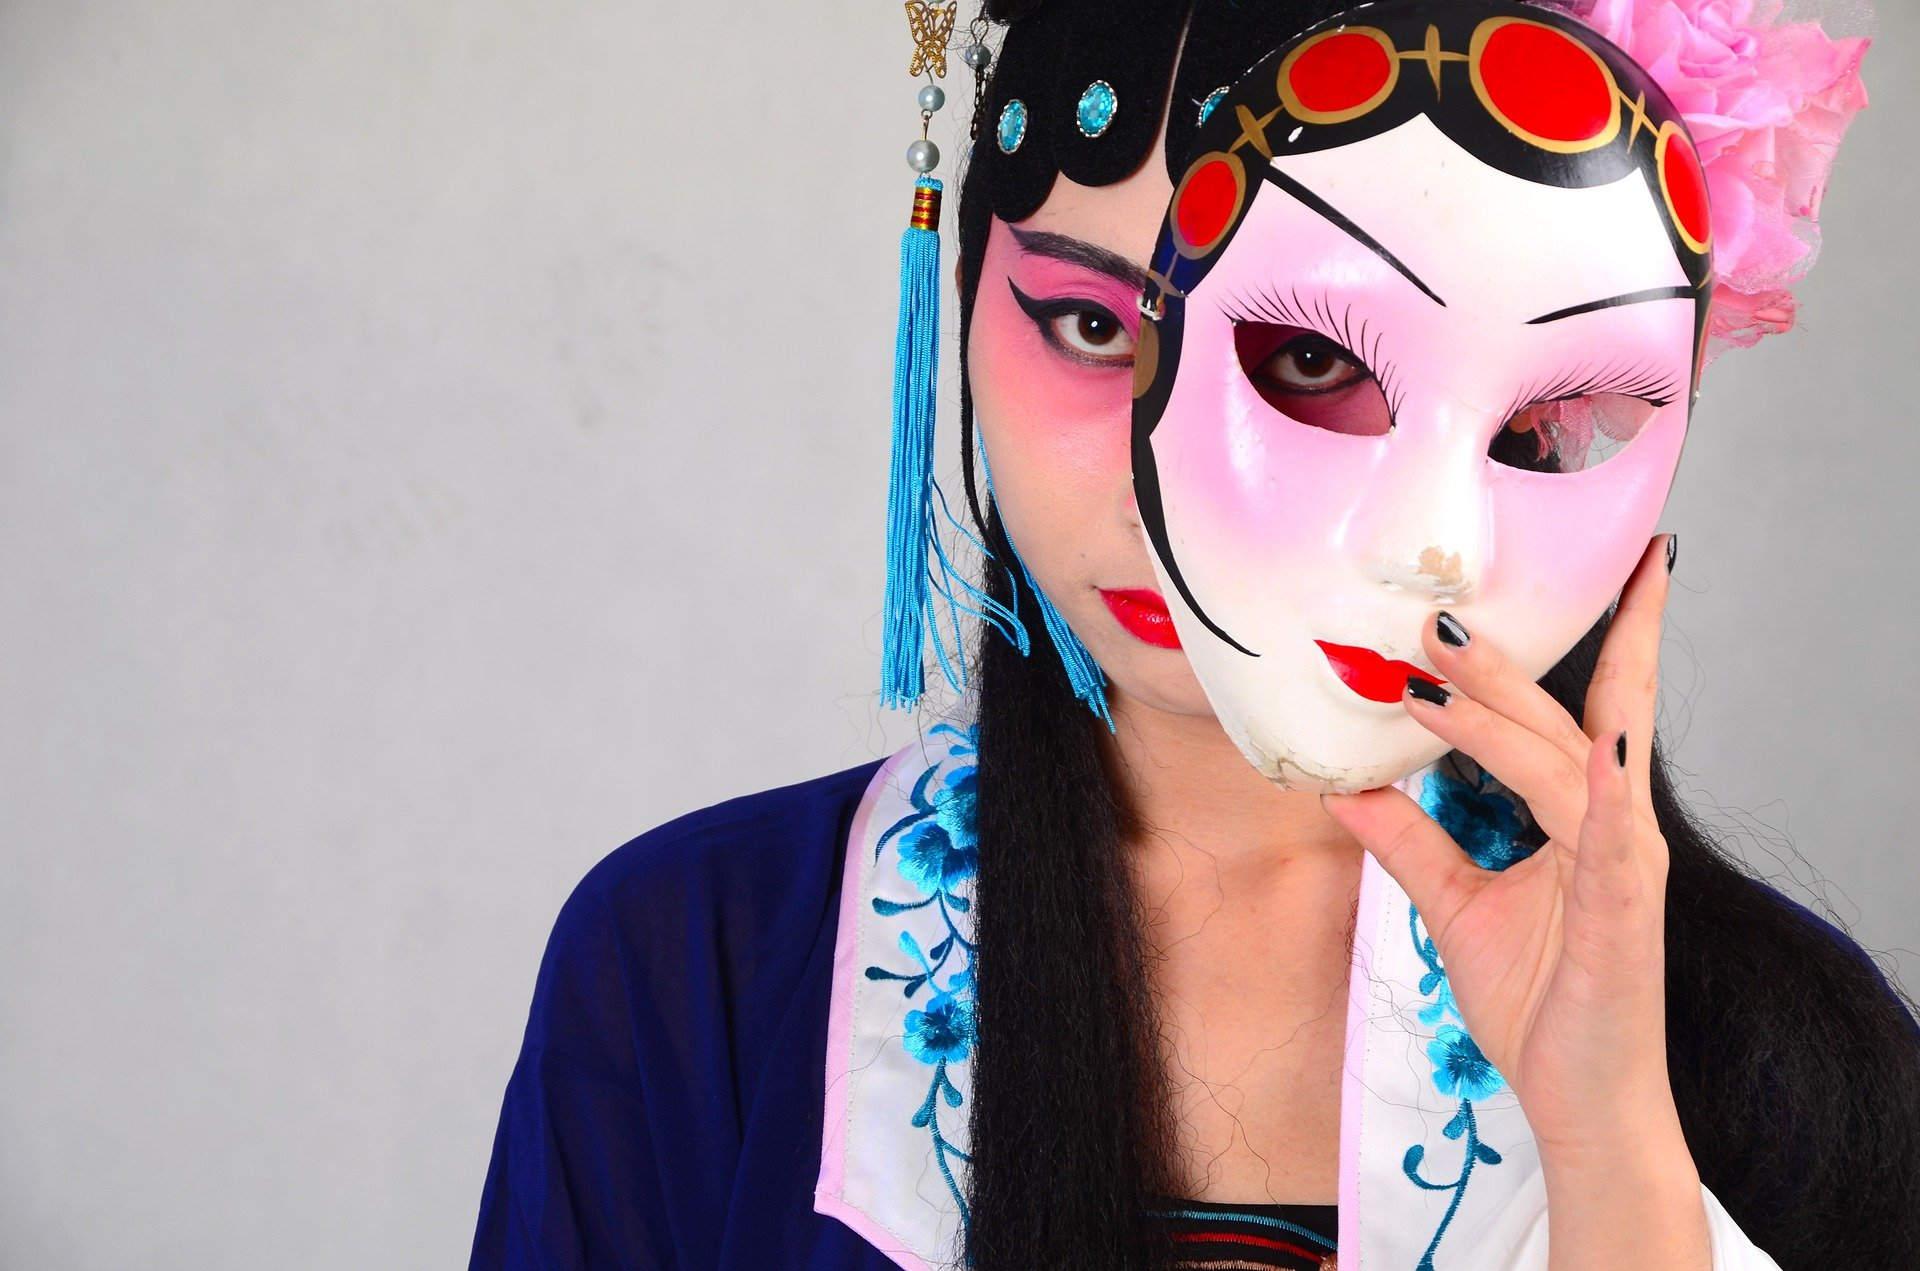 Фотокадр из пекинской оперы. Девушка держит маску.